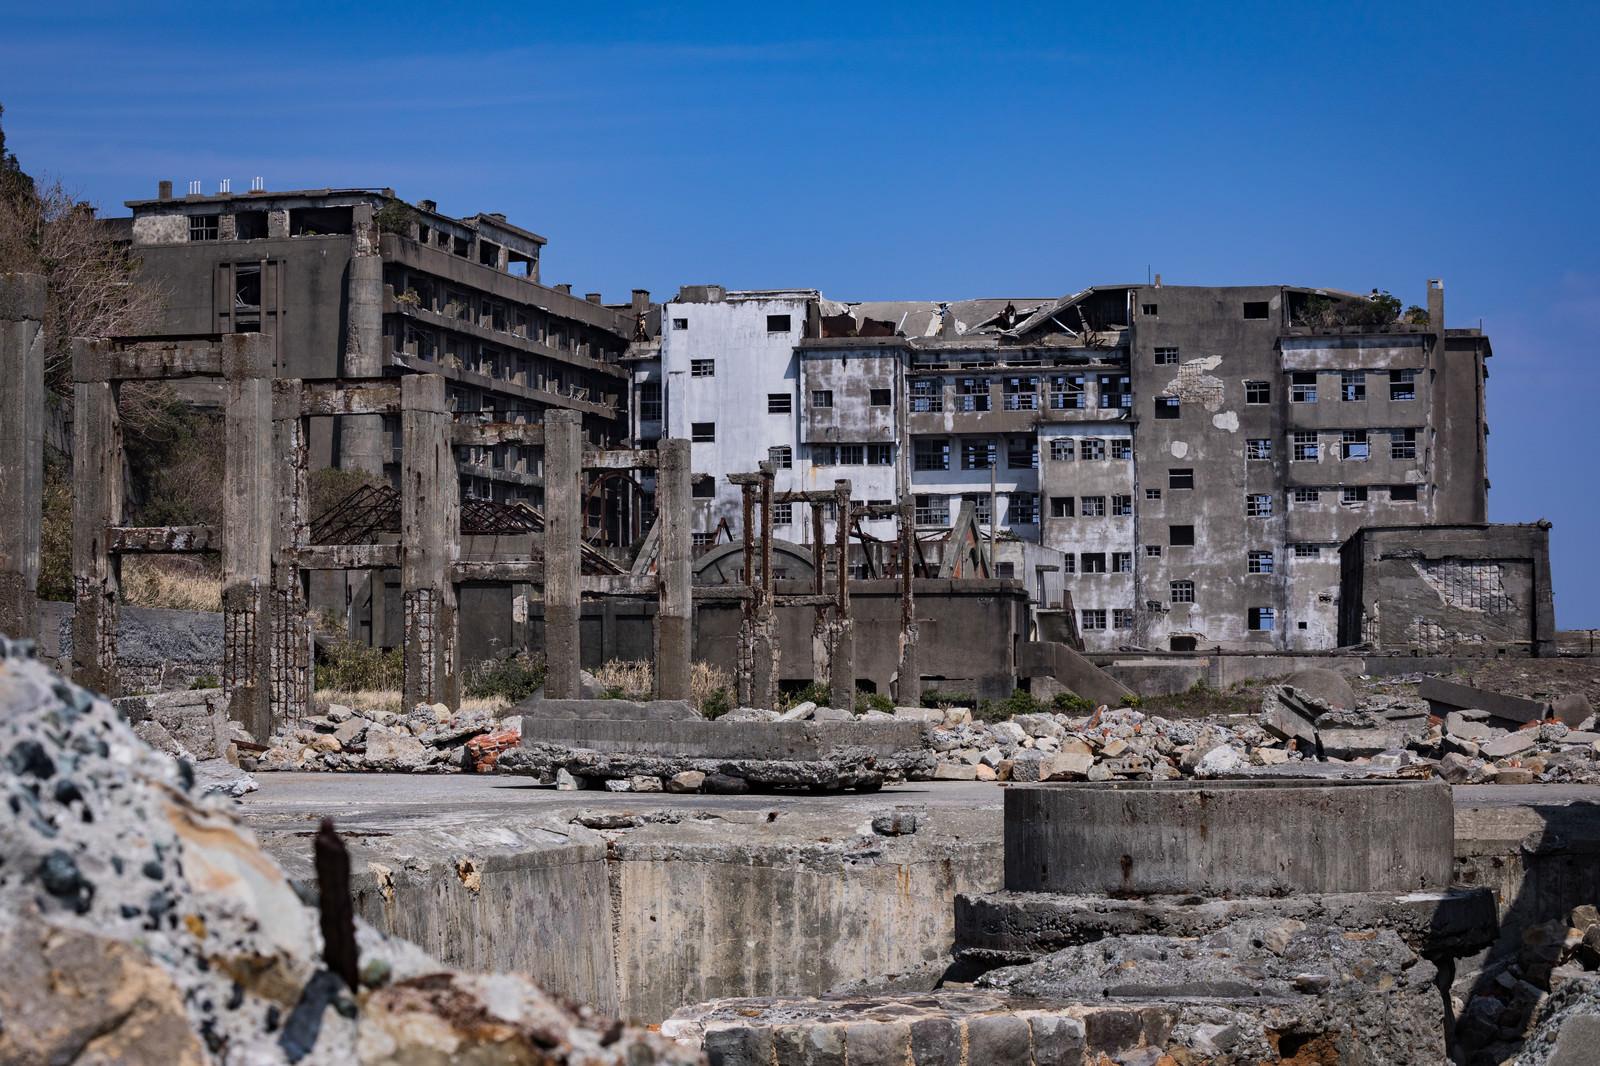 「貯炭場から見る70号棟小中学校跡(軍艦島)」の写真